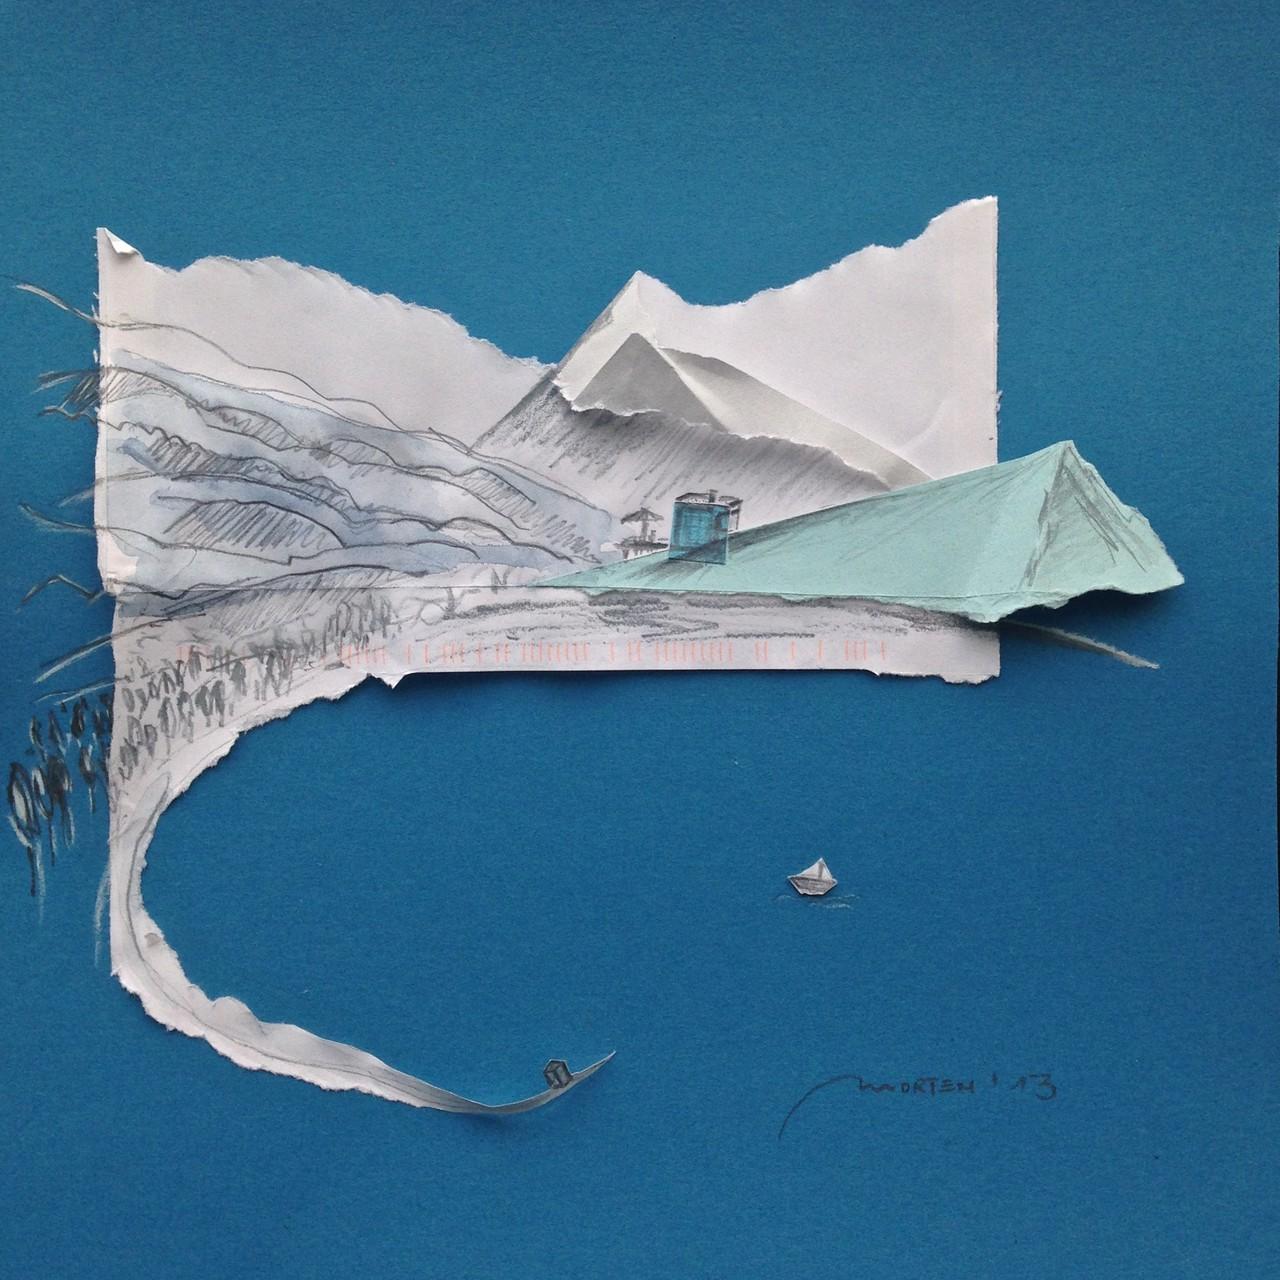 HAUS AM SEE, 2013, Johannes Morten, 25 x 25 cm, Graphit, Aquarell, Papier und Pappe